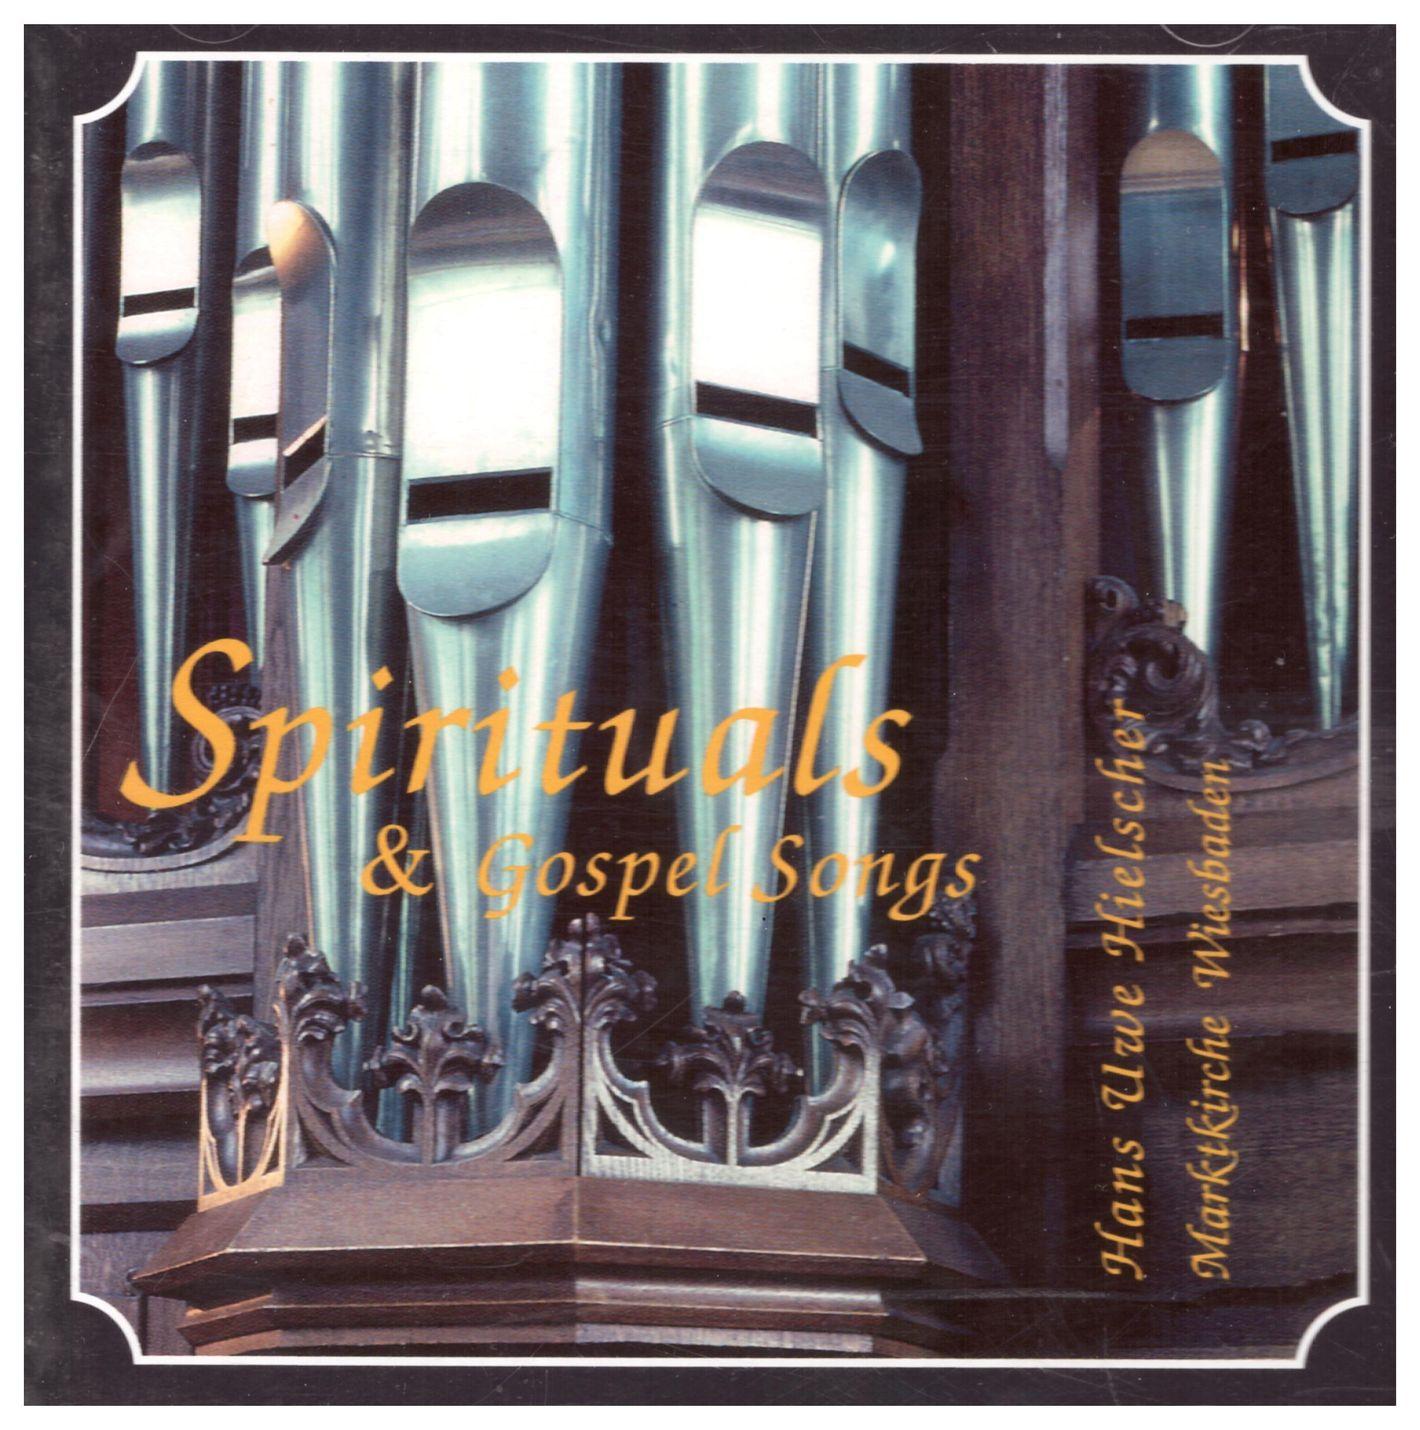 Spirituals und Gospel Songs